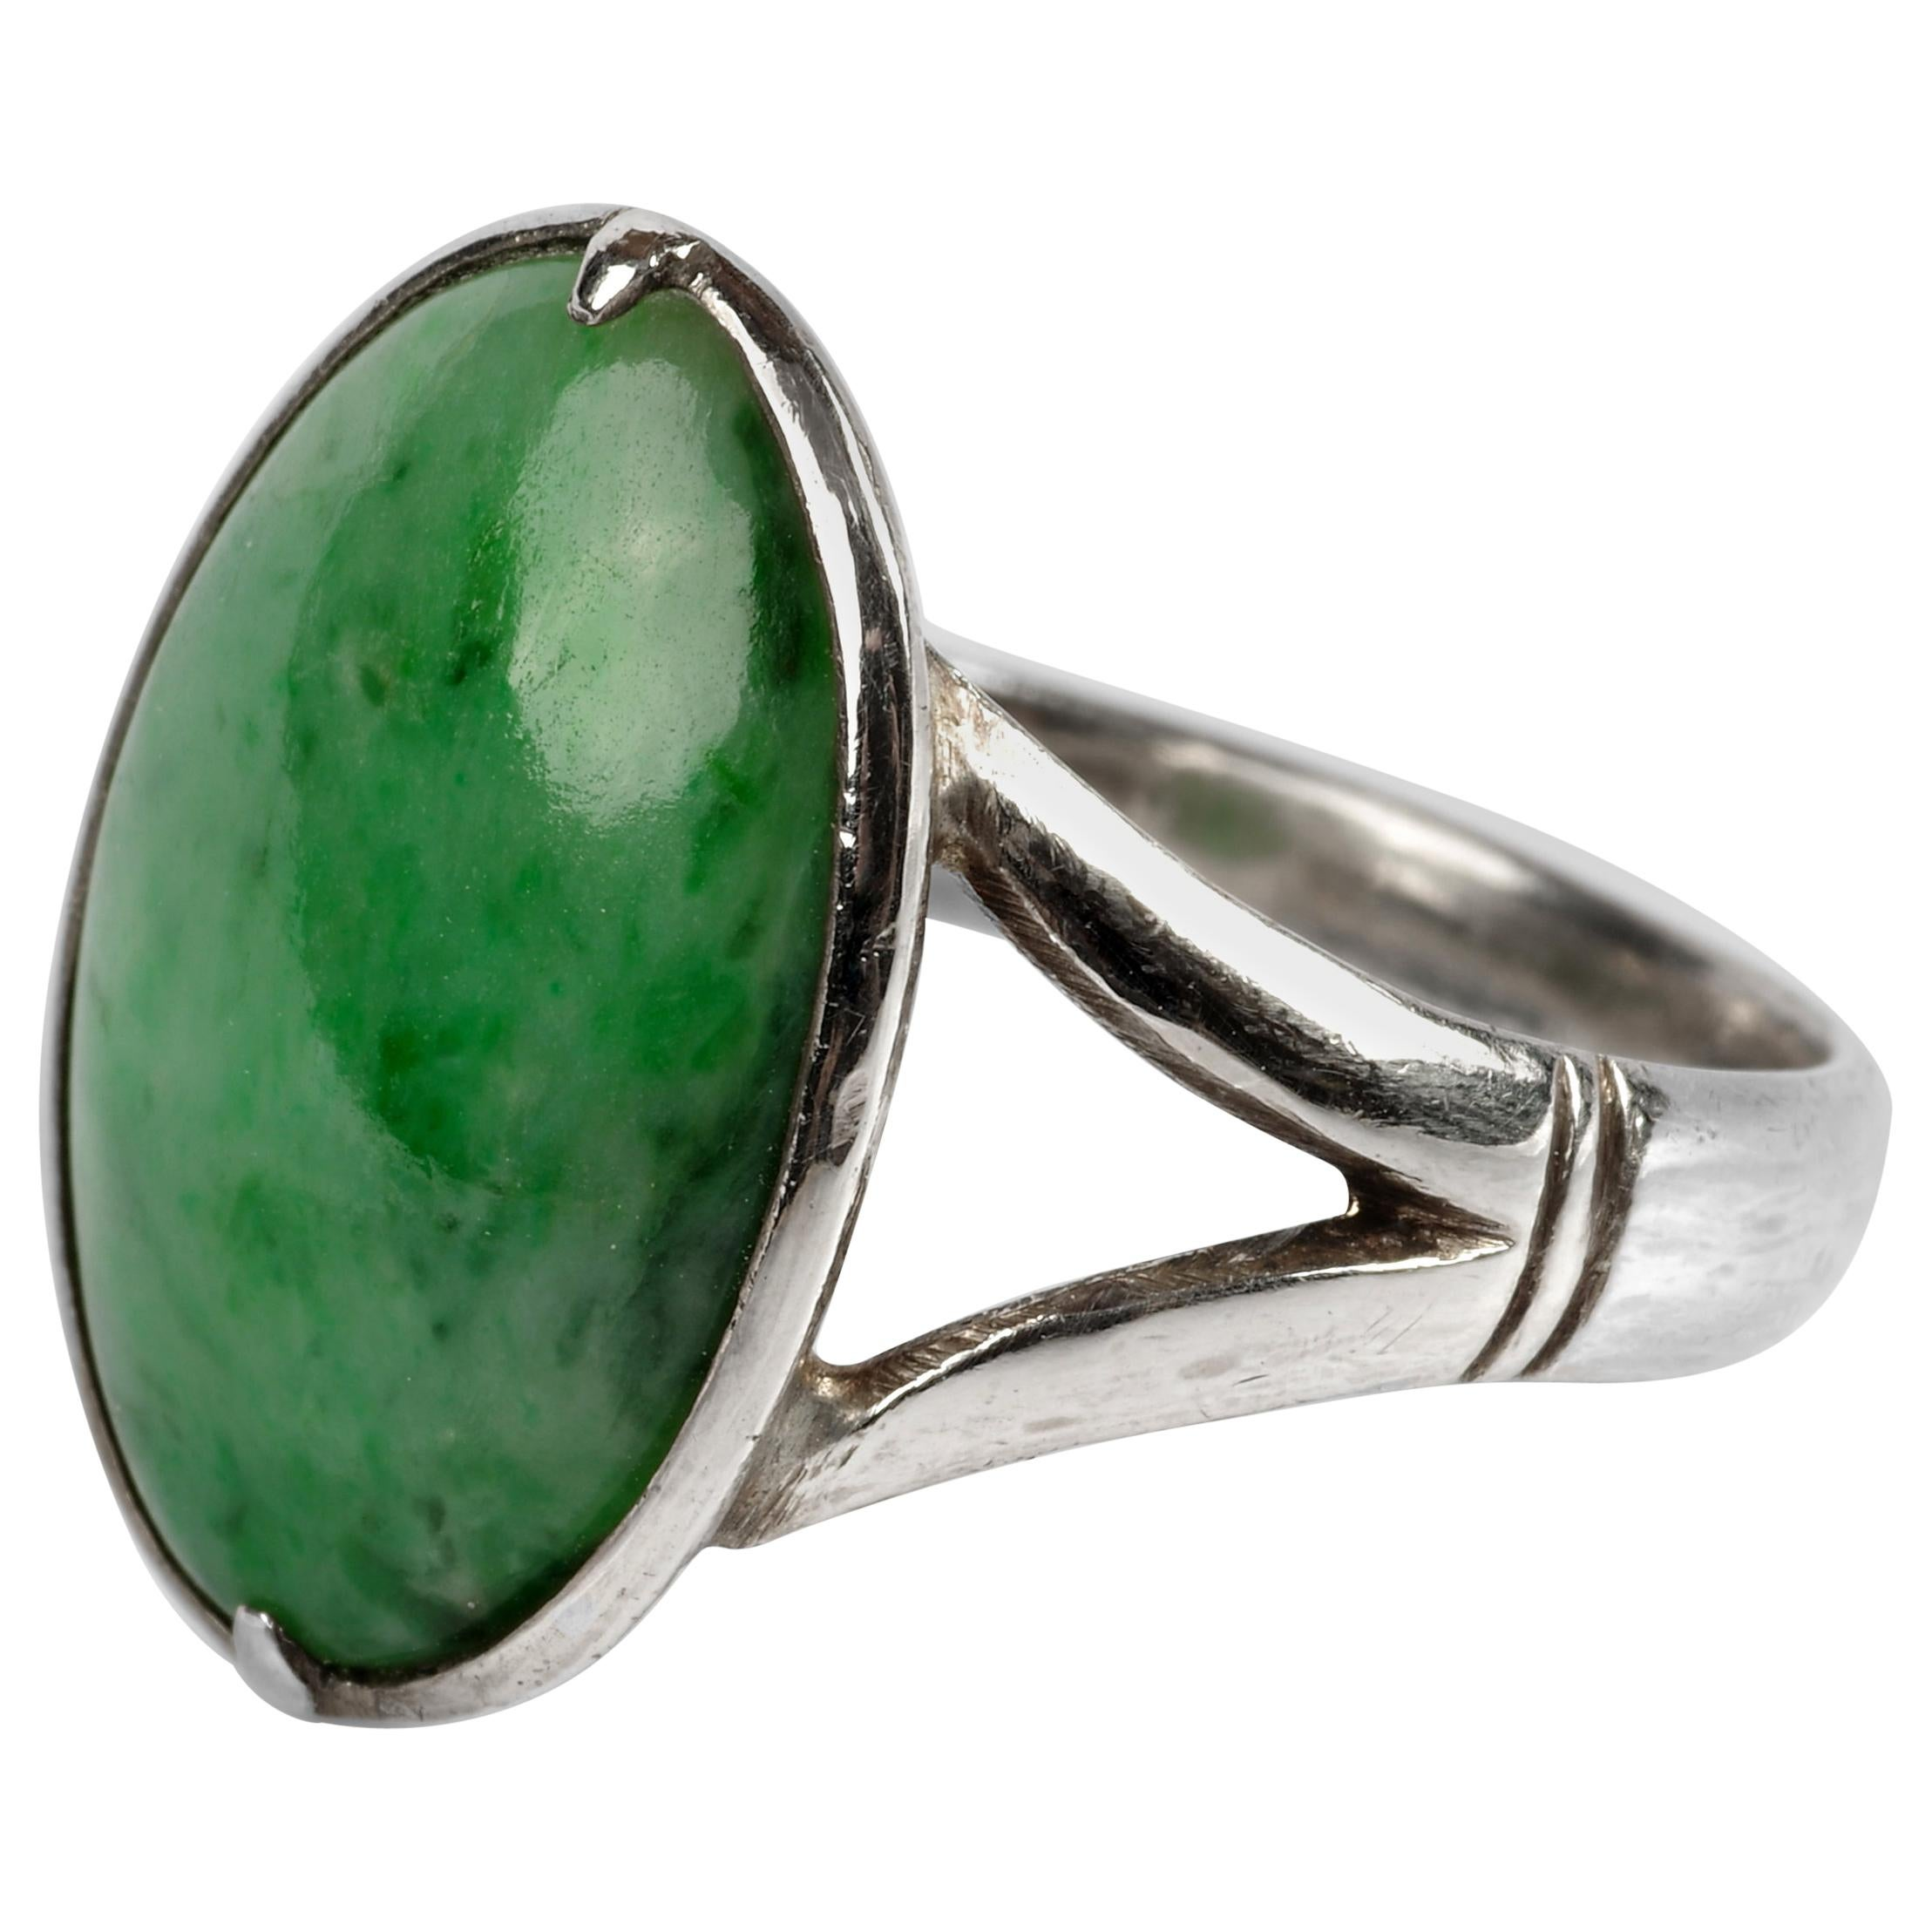 Sleek Art Deco Jade Ring Certified Untreated